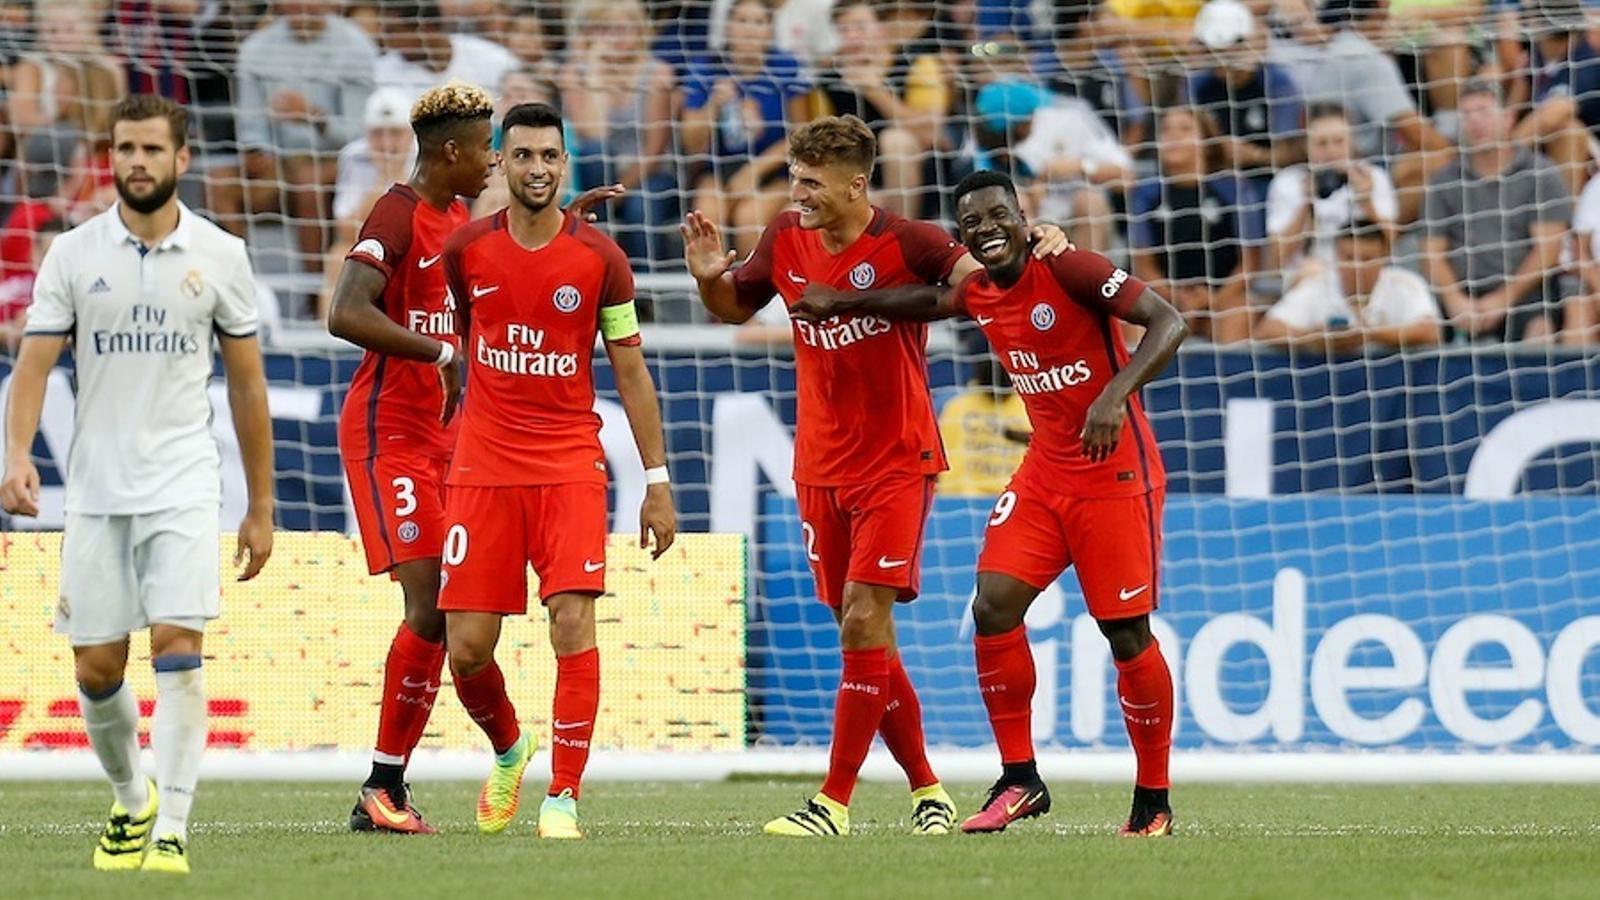 Els jugadors del PSG celebren un dels gols anotats contra el Madrid